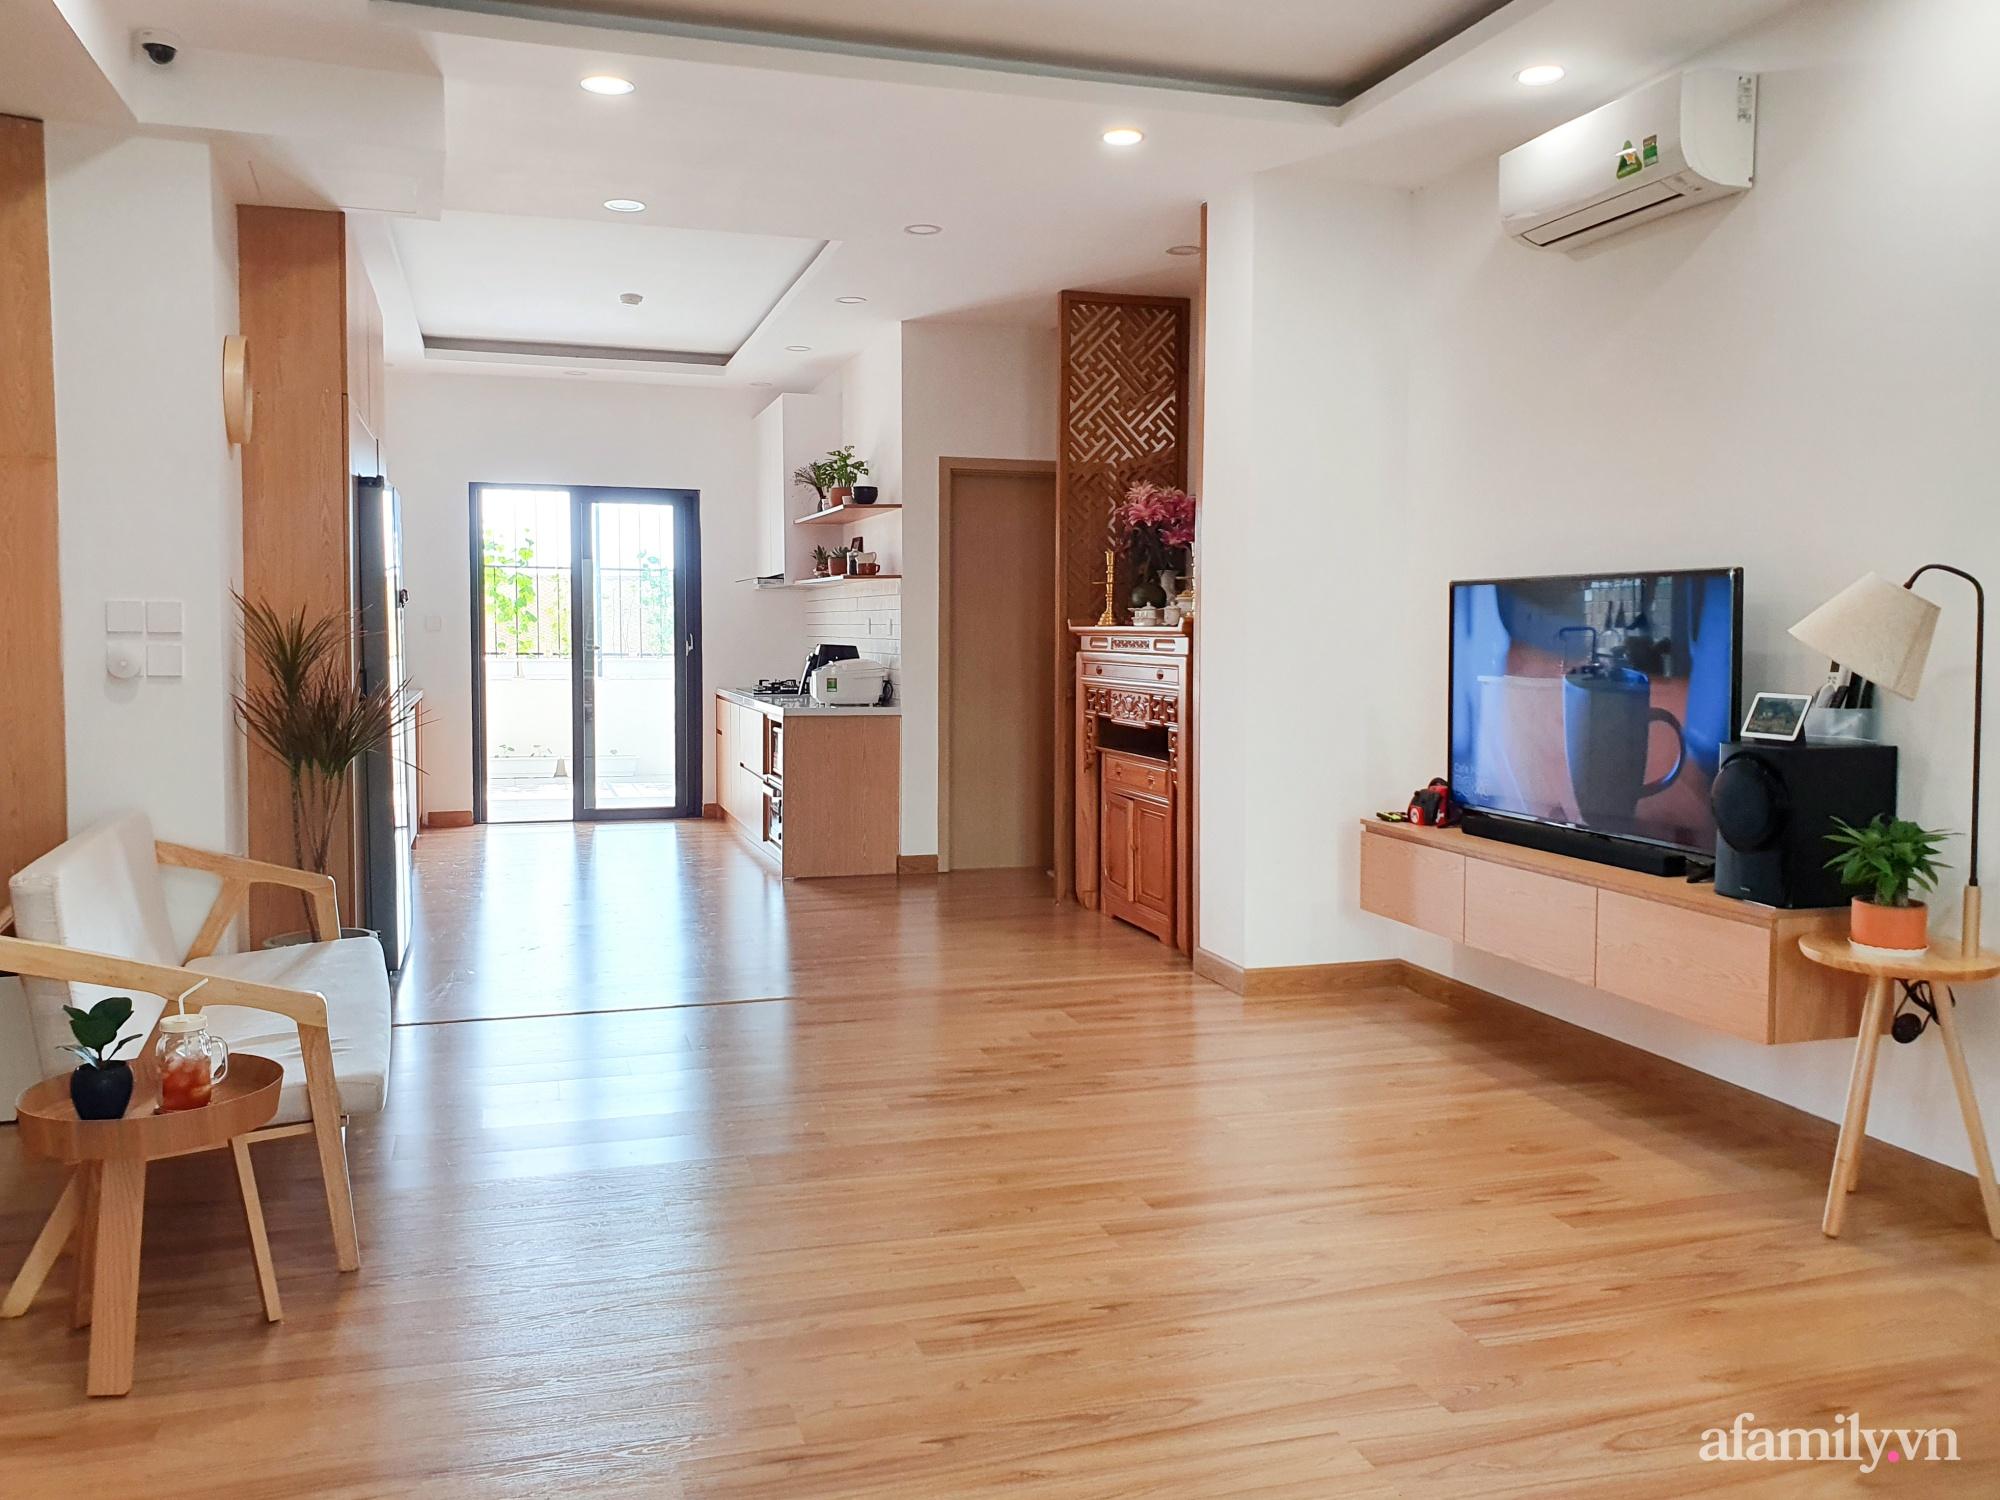 Căn hộ 180m² được vợ chồng trẻ cải tạo vừa ở vừa làm vườn có chi phí 550 triệu đồng ở Sài Gòn - Ảnh 1.